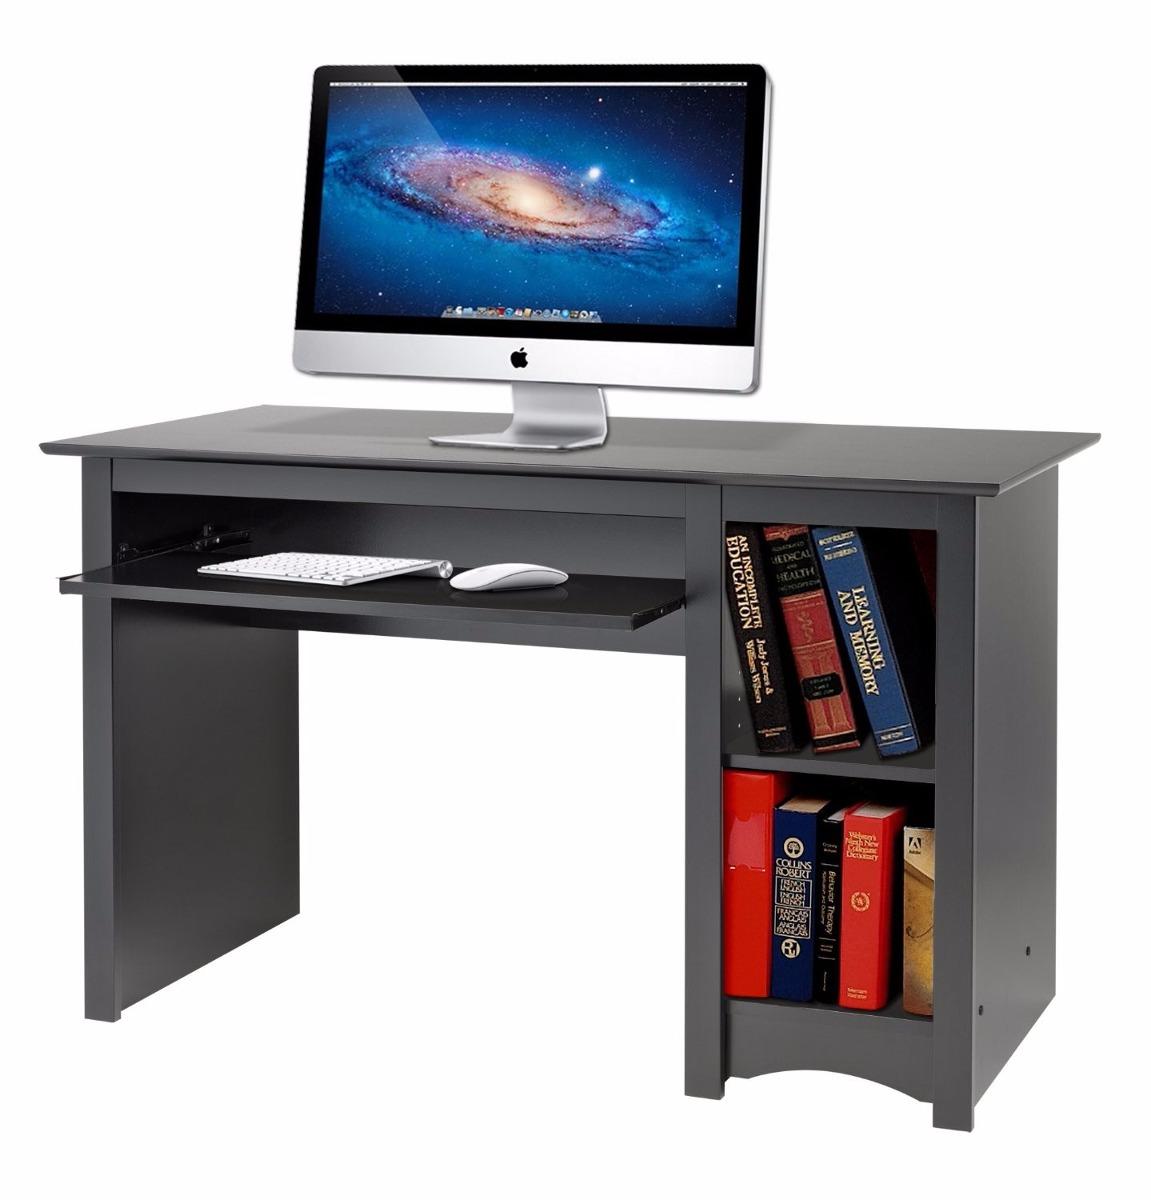 Escritorio mueble para computadora de prepac sonoma vbf 4 en mercado libre - Escritorios de pared ...